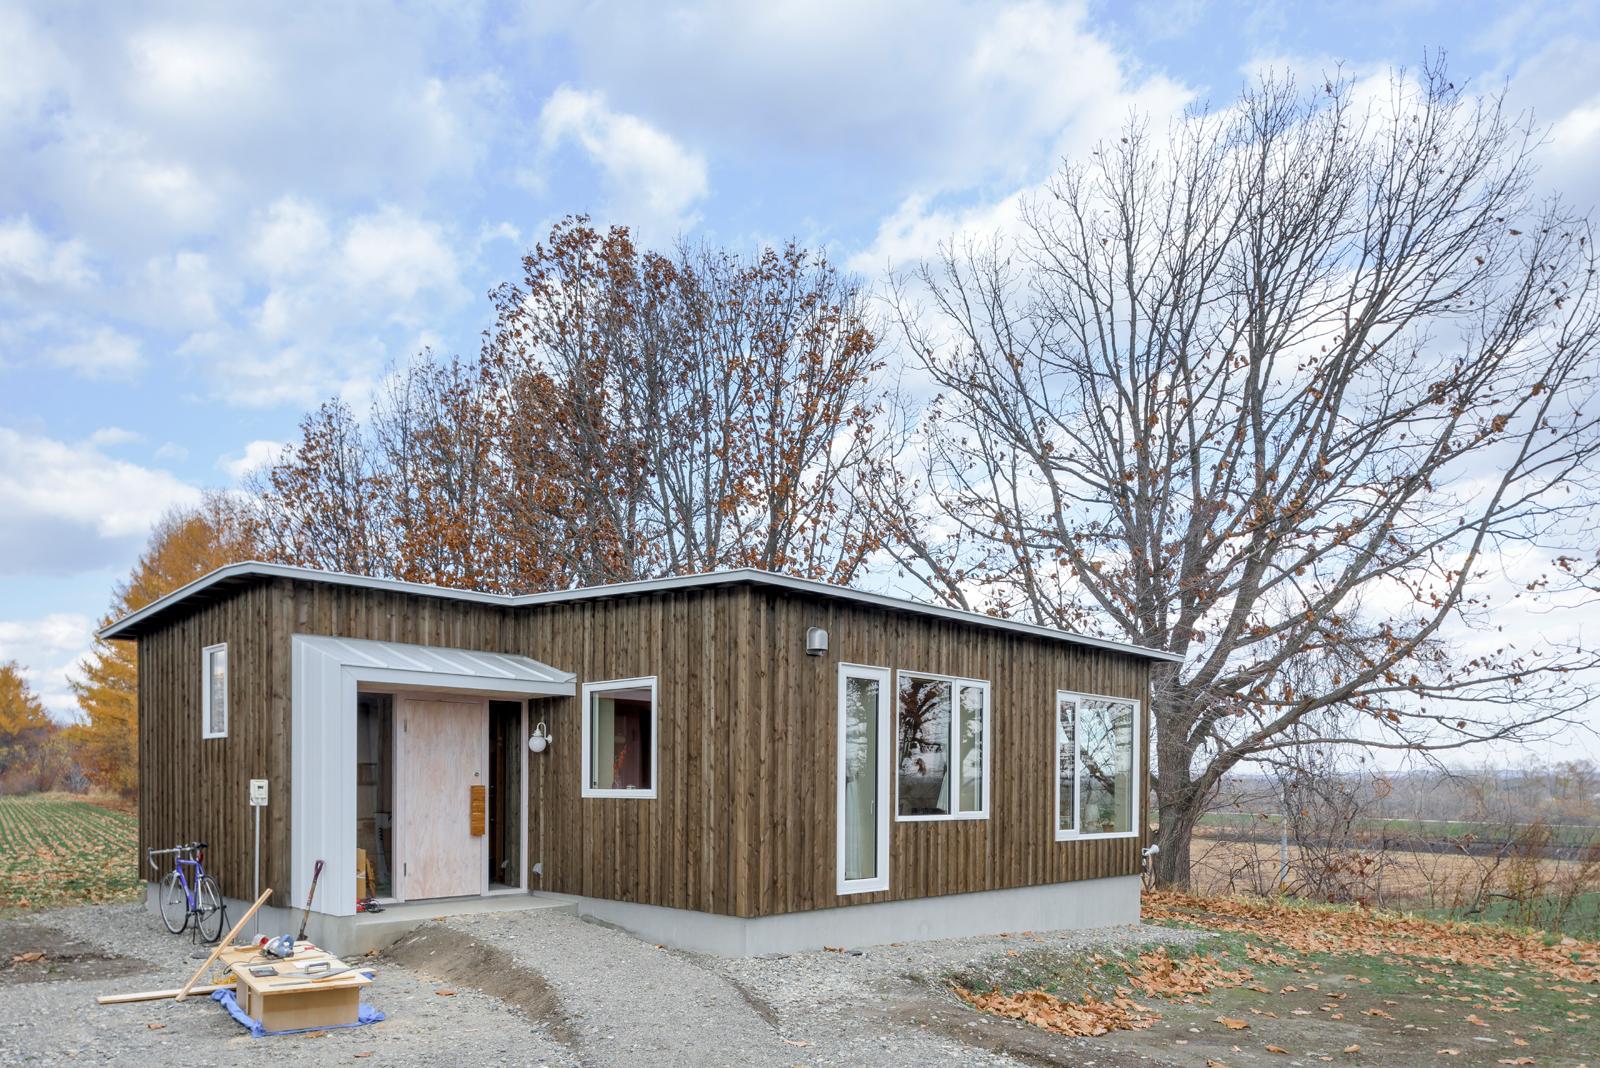 敷地に合わせて設計された新居は、ずっと前からここに在ったように、自然な佇まいに仕上がった